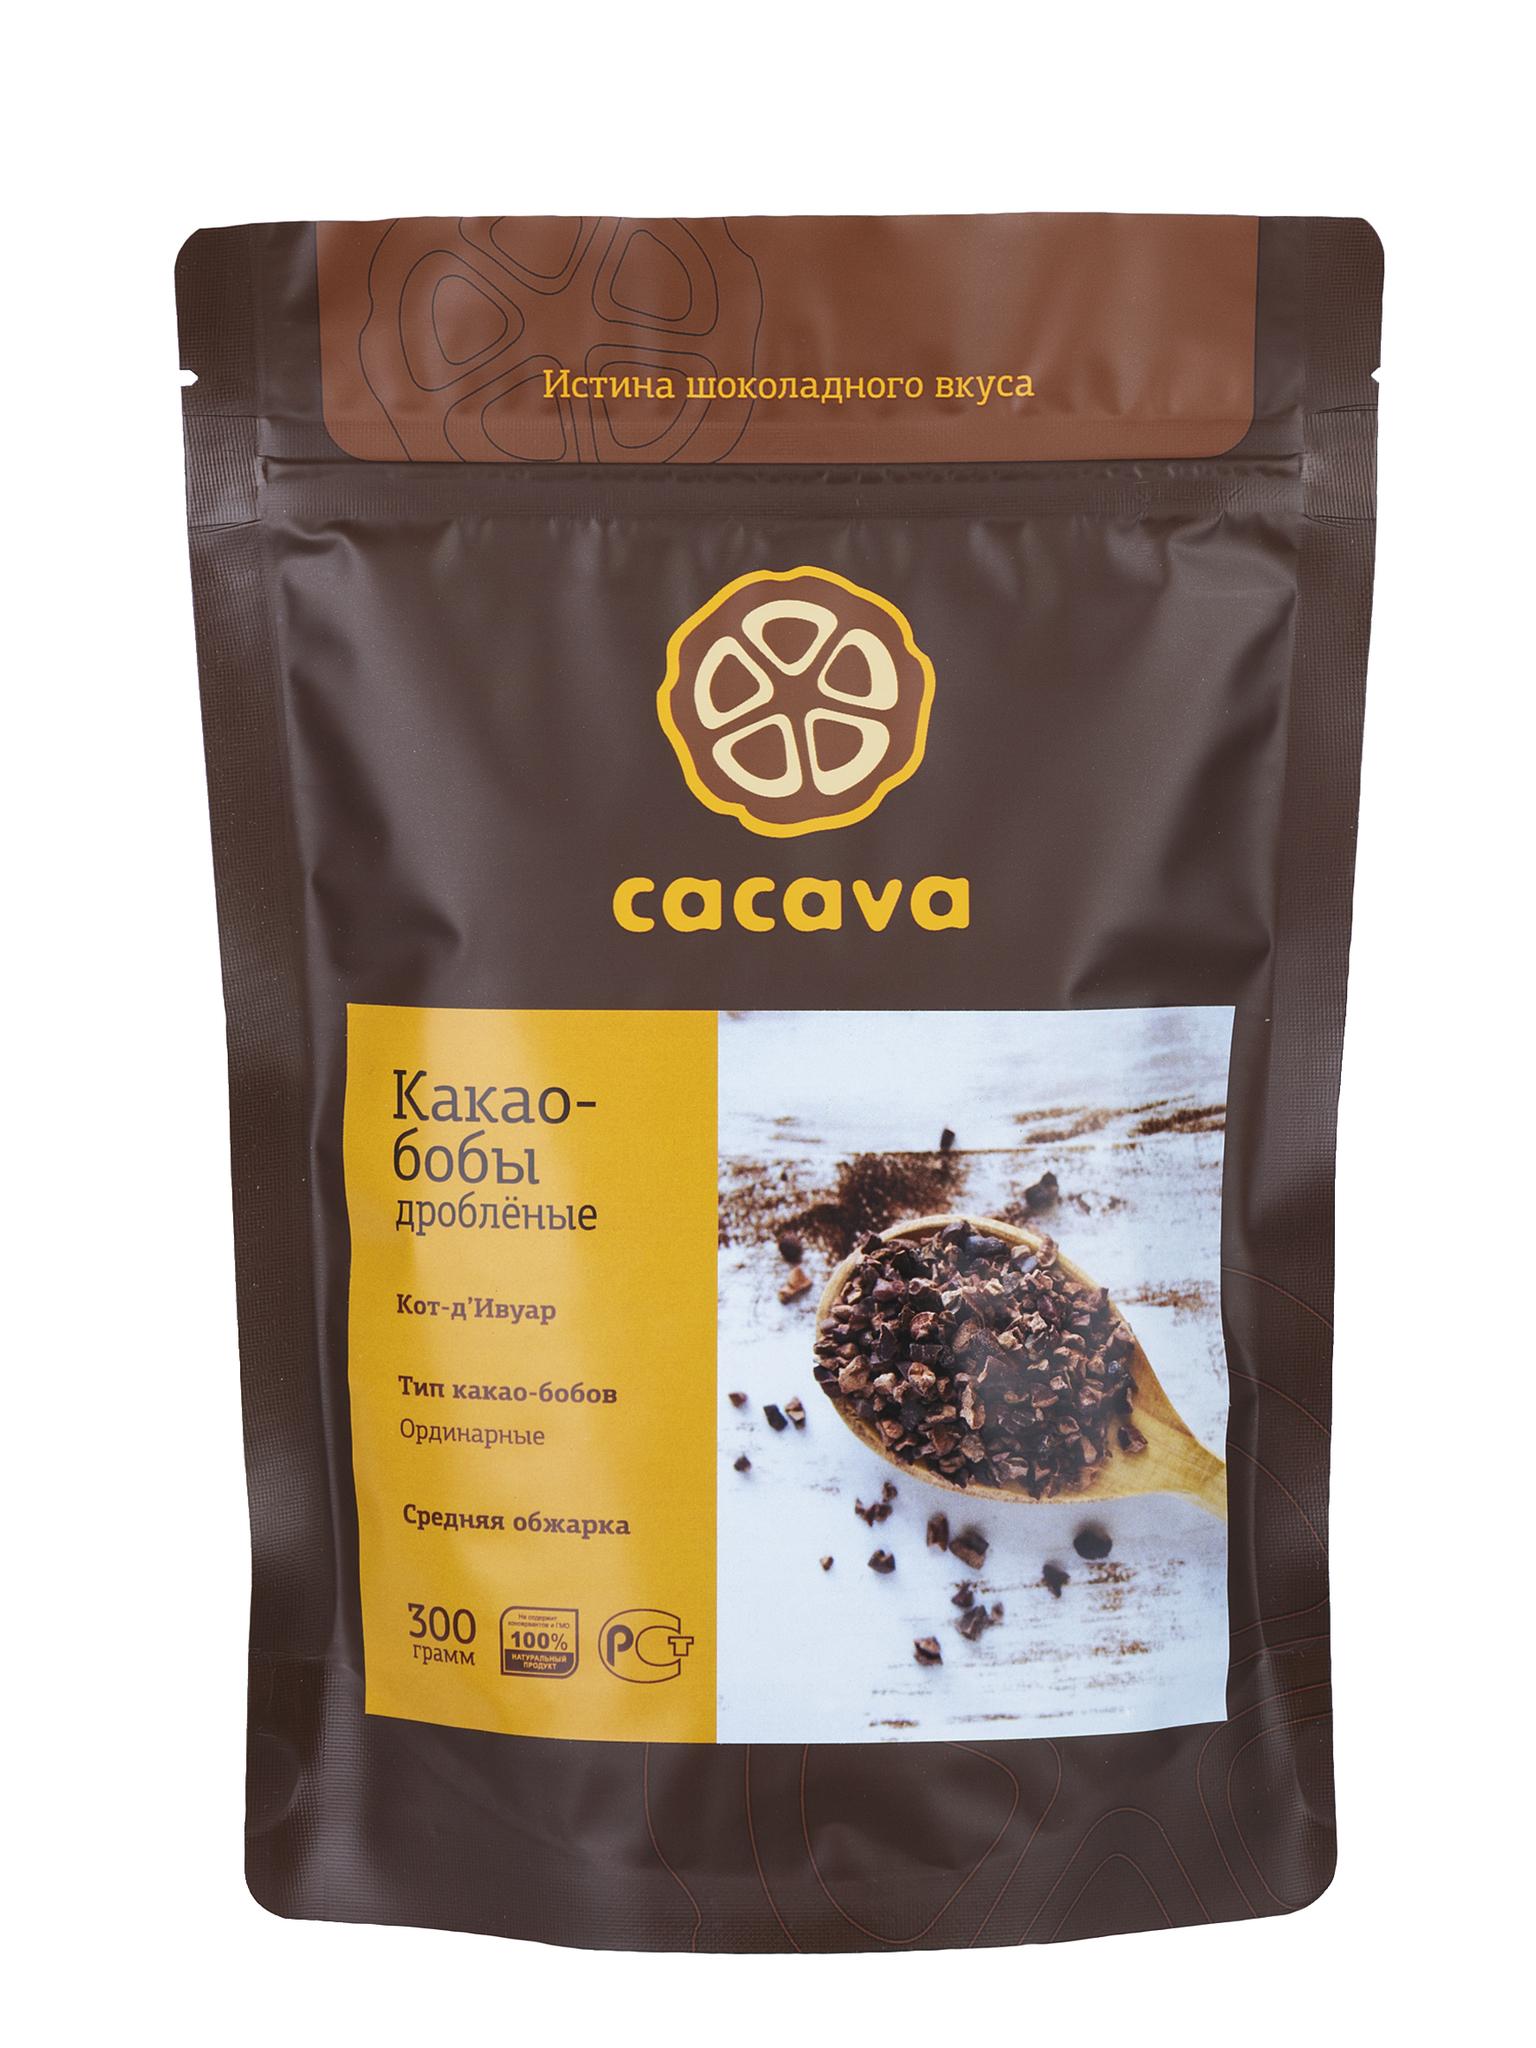 Какао-бобы дробленые, очищенные (Кот-Д'Ивуар), упаковка 300 грамм